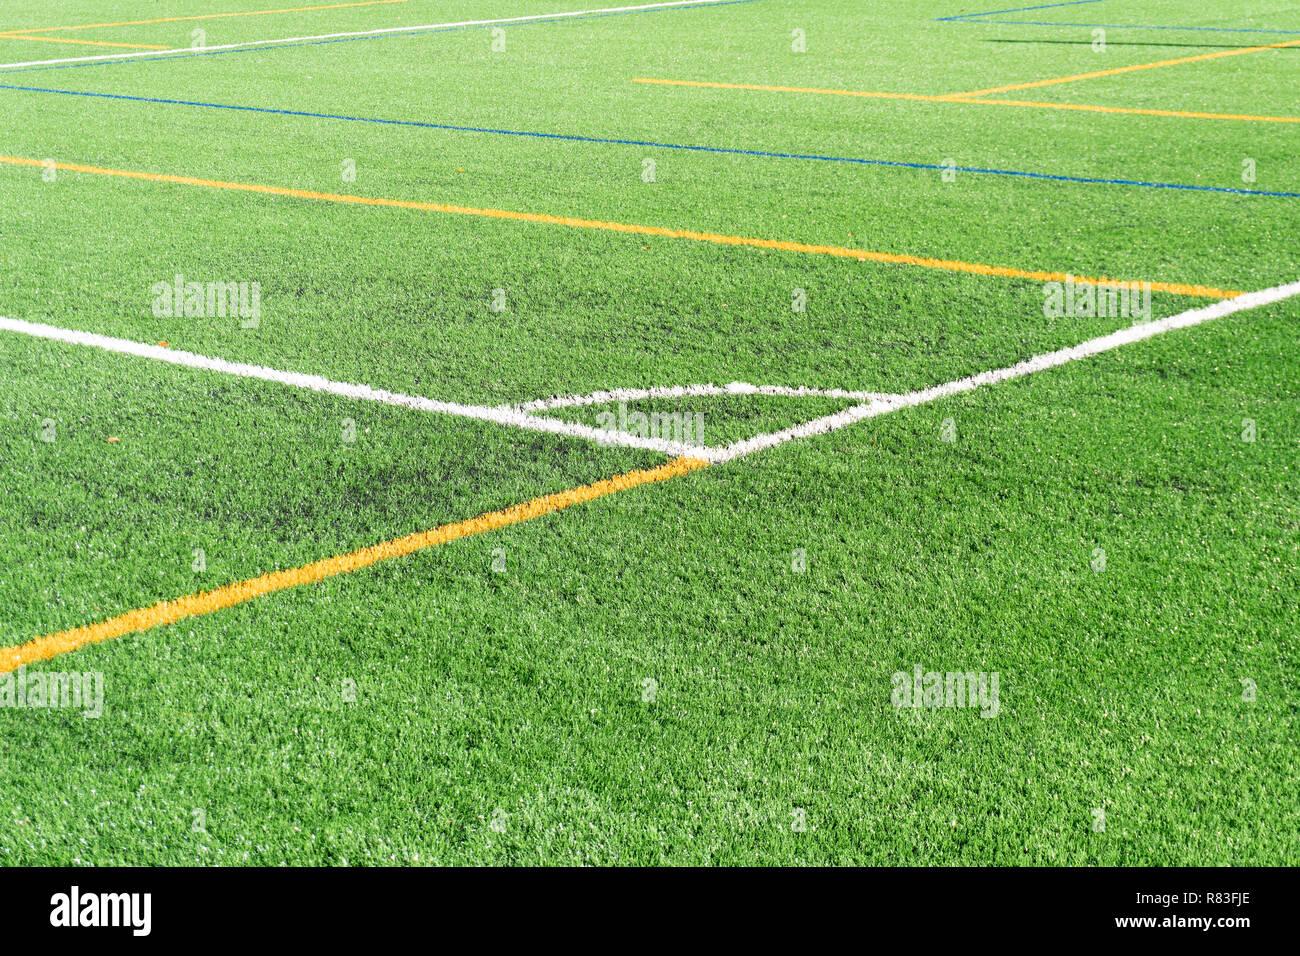 Fussball Feld Mit Einem Neuen Kunstrasenplatz Weisse Ecke